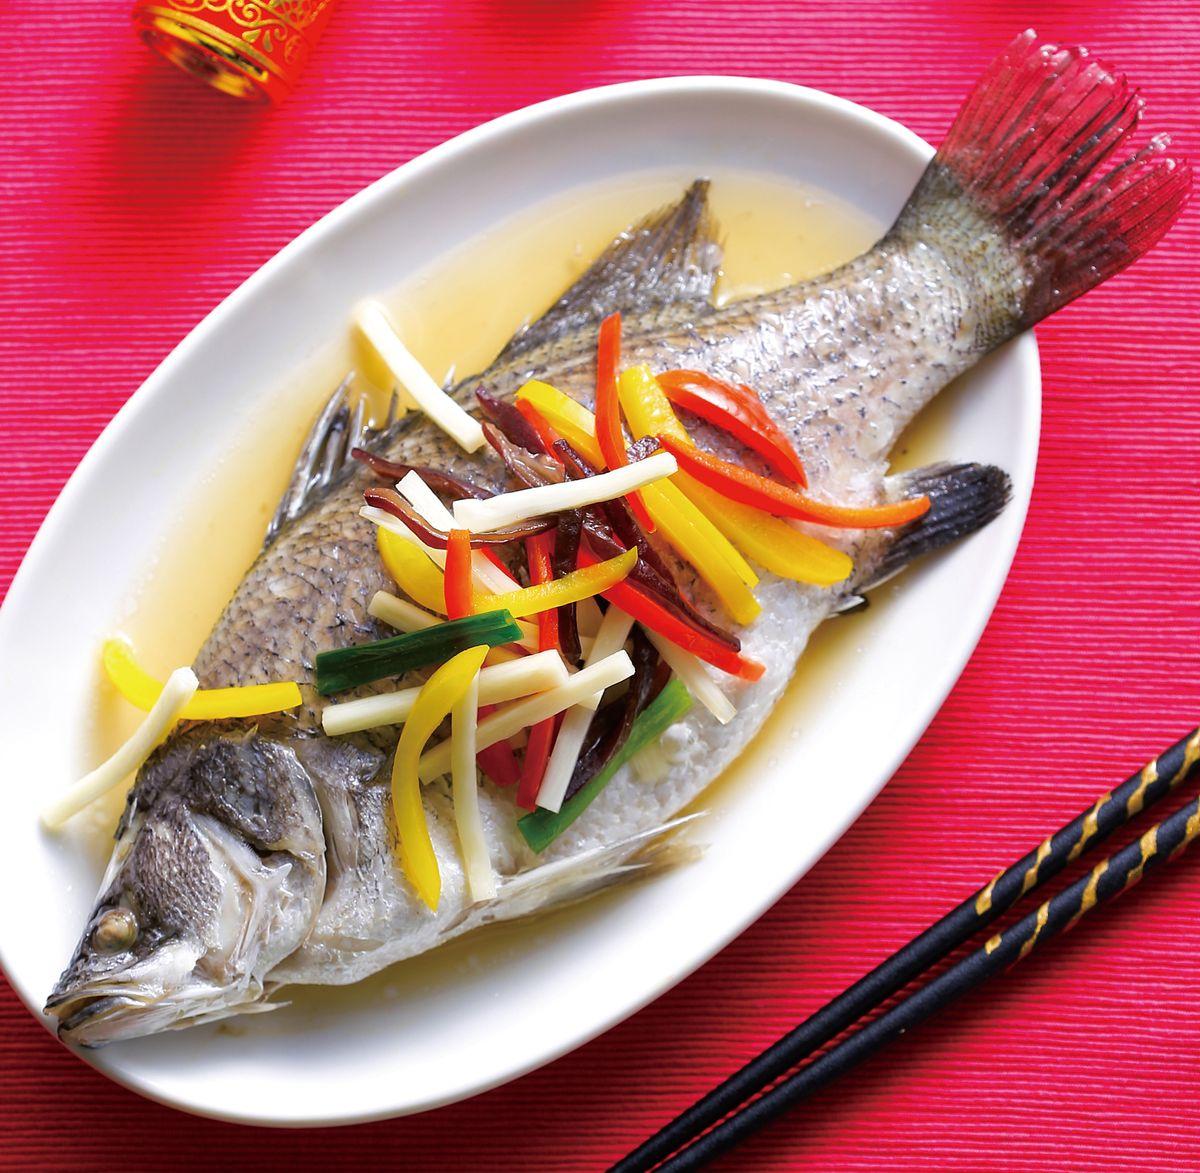 食譜:五彩蒸魚